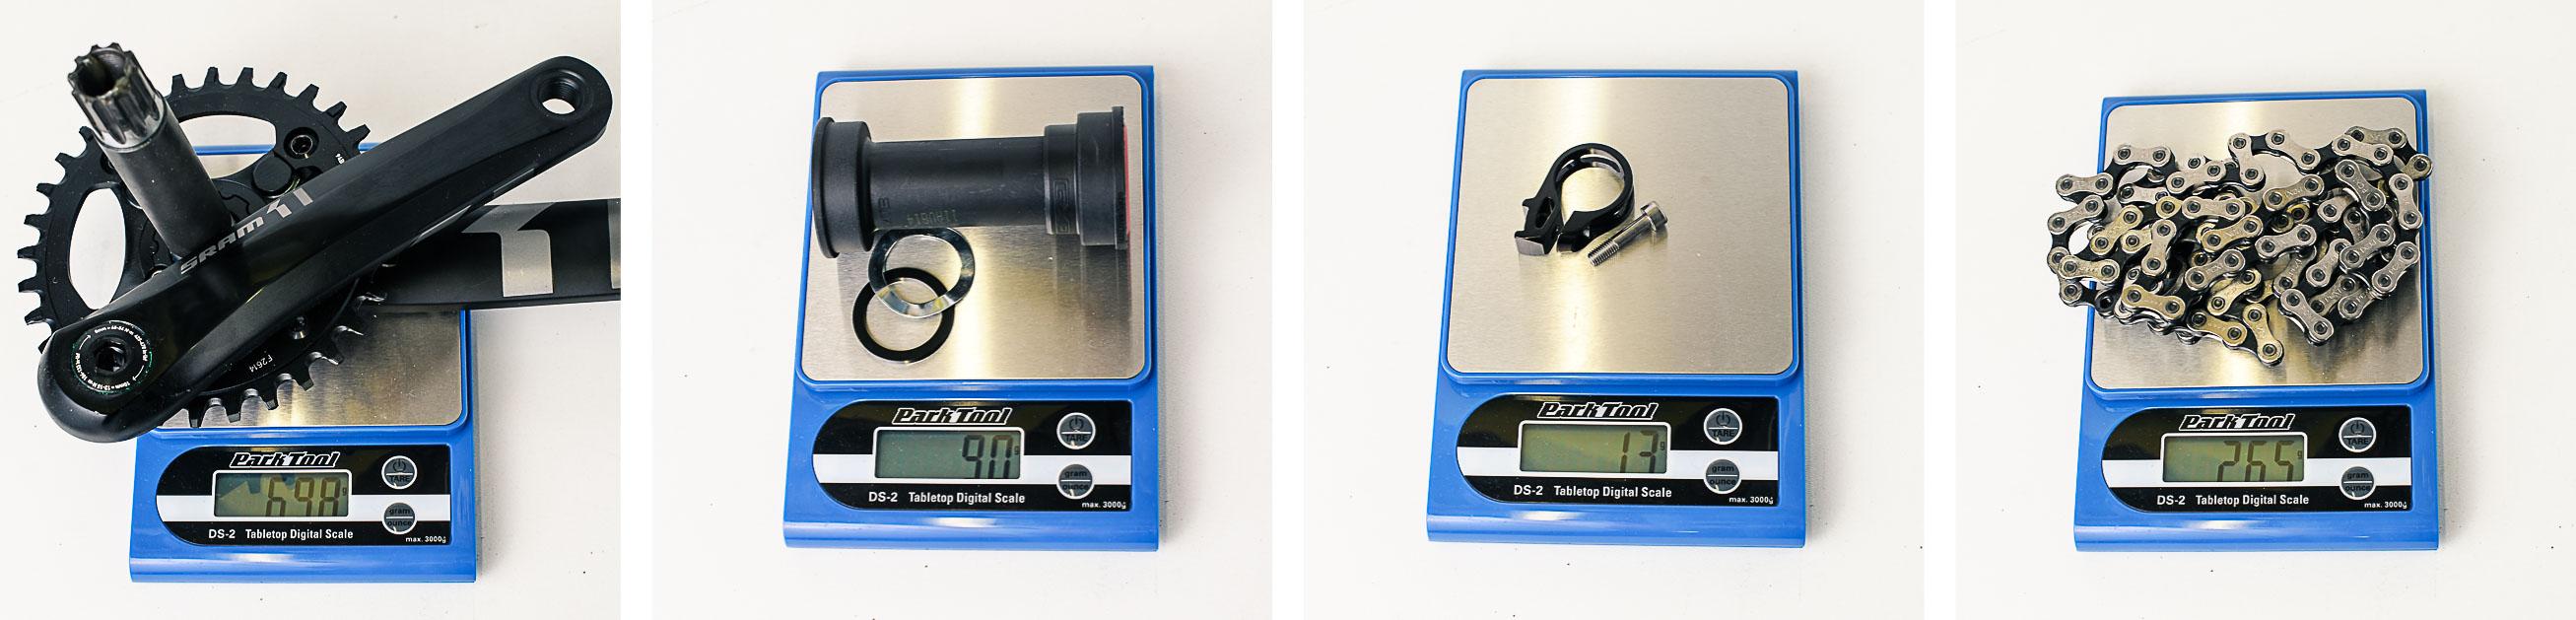 Sram X1, poids vérifiés du pédalier en 32 dents, du boîtier PressFit, du collier de shifter et de la chaîne PCX1